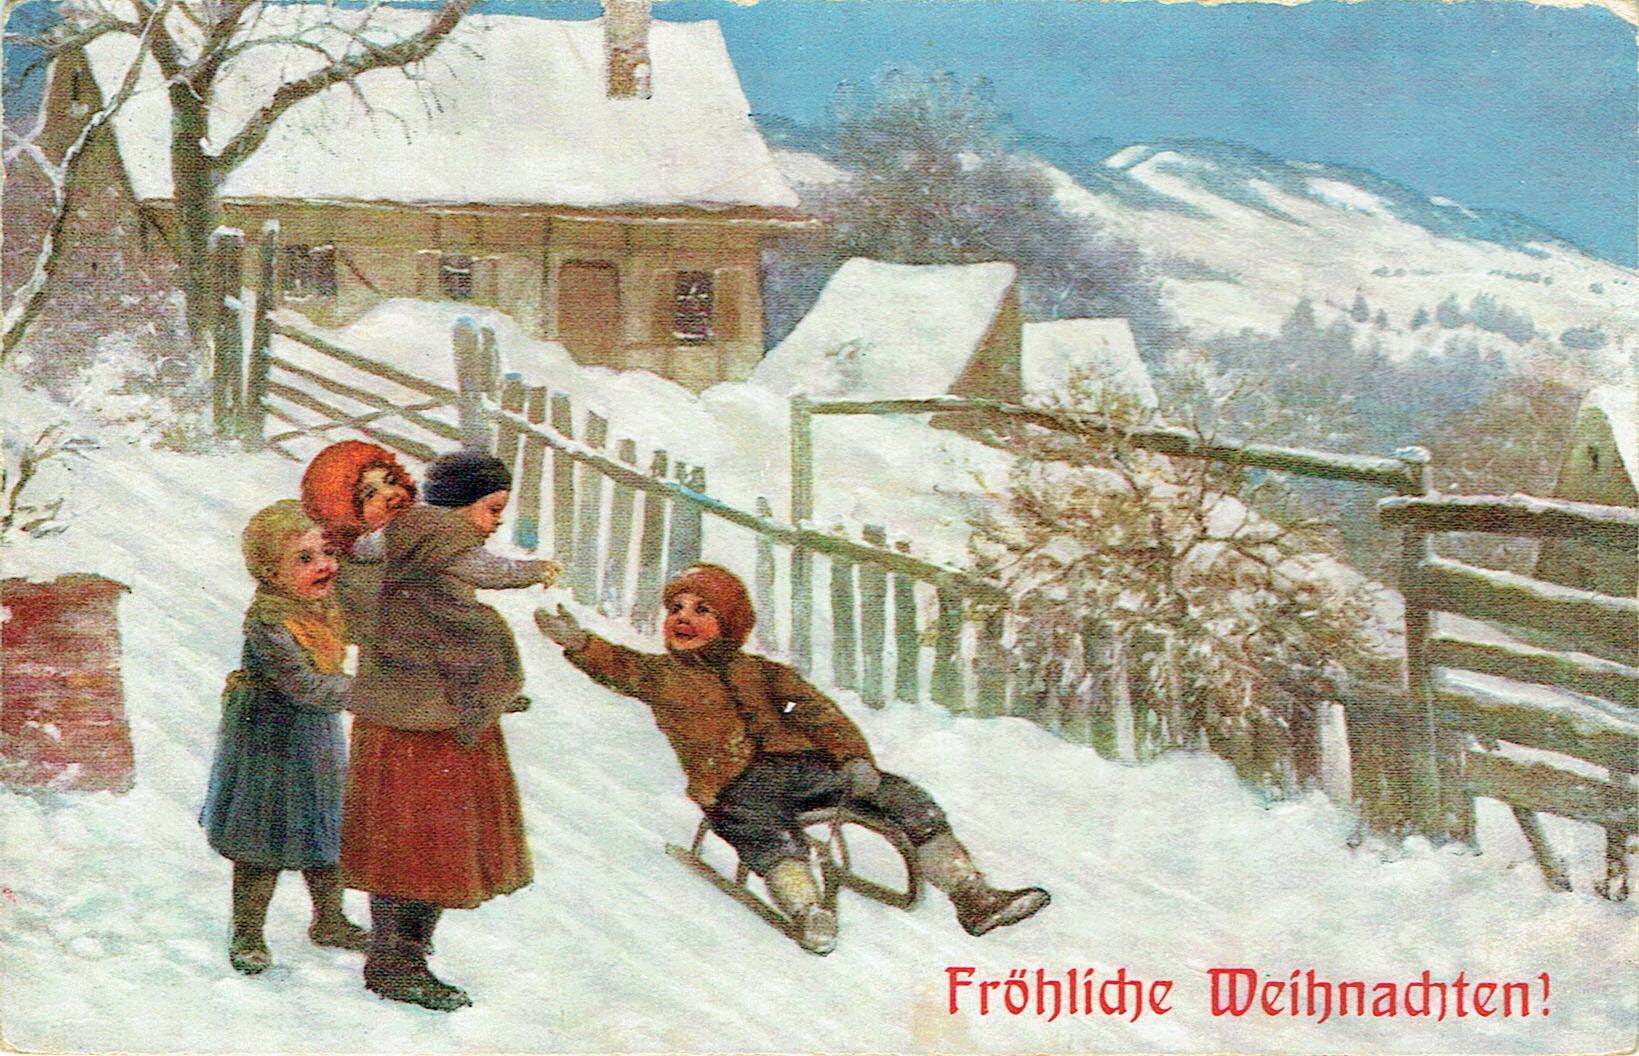 Weihnachten anno dazumal